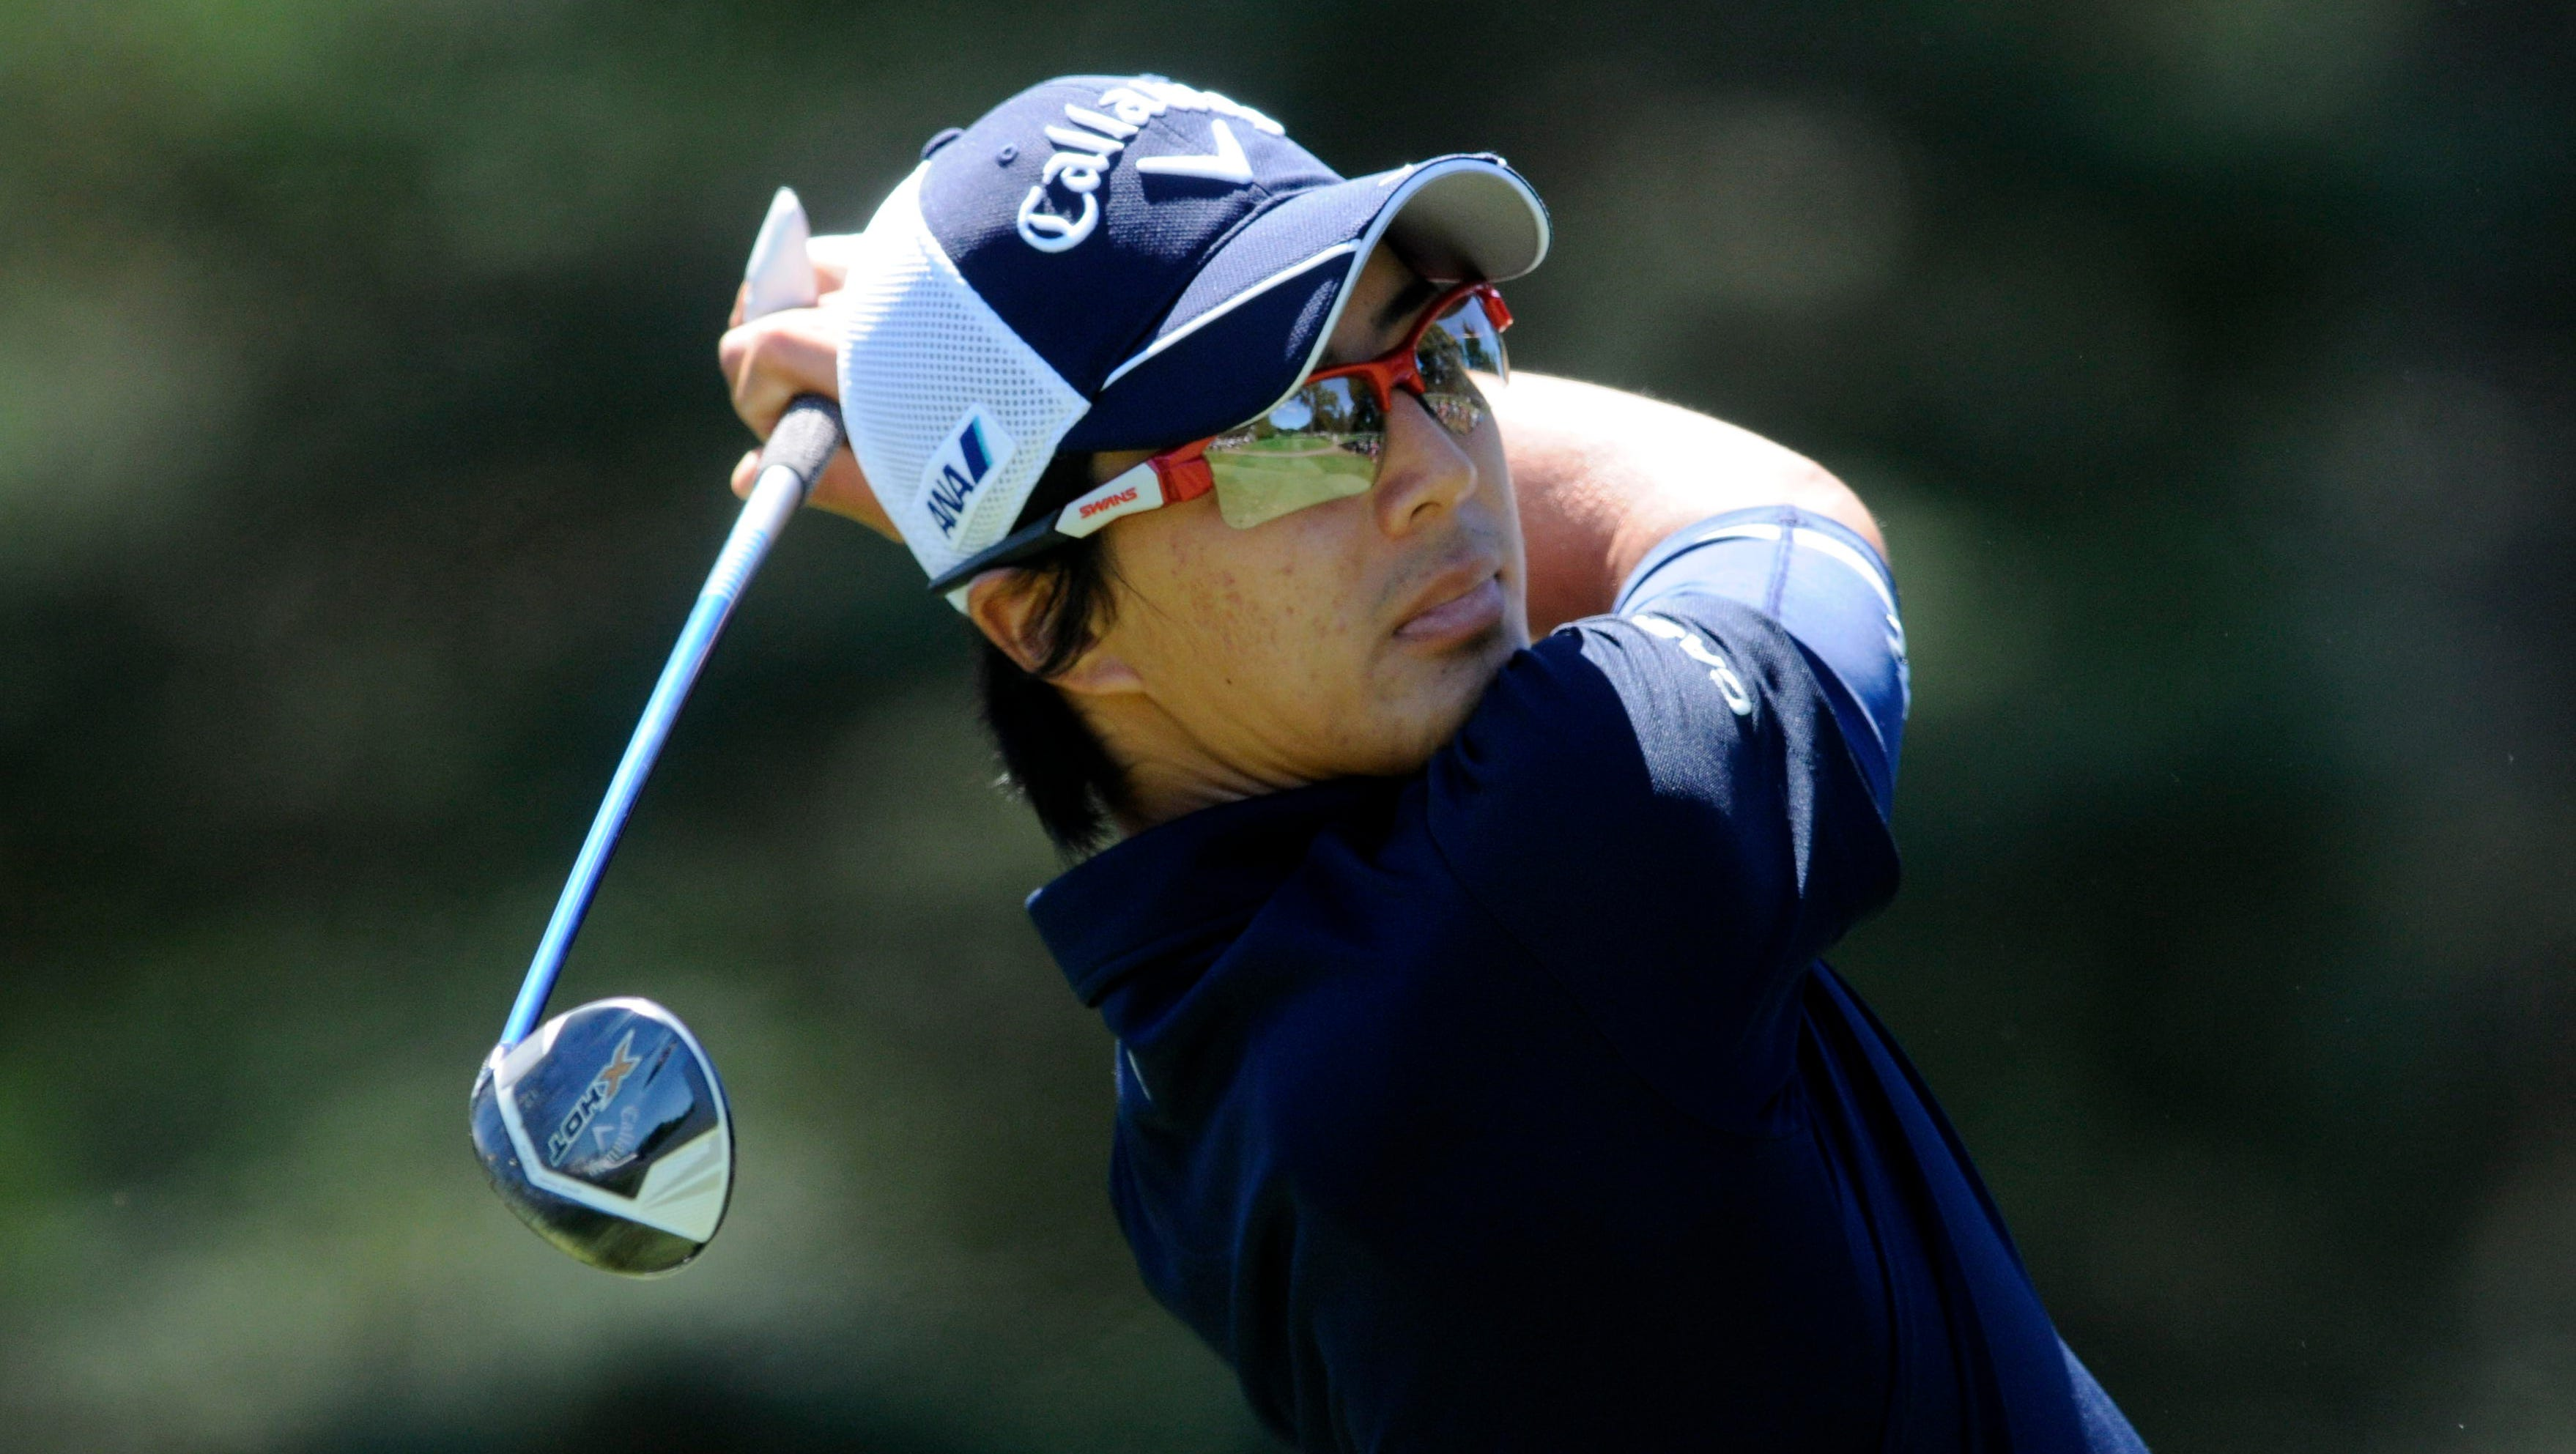 Ryo Ishikawa tees off on the 7th hole.